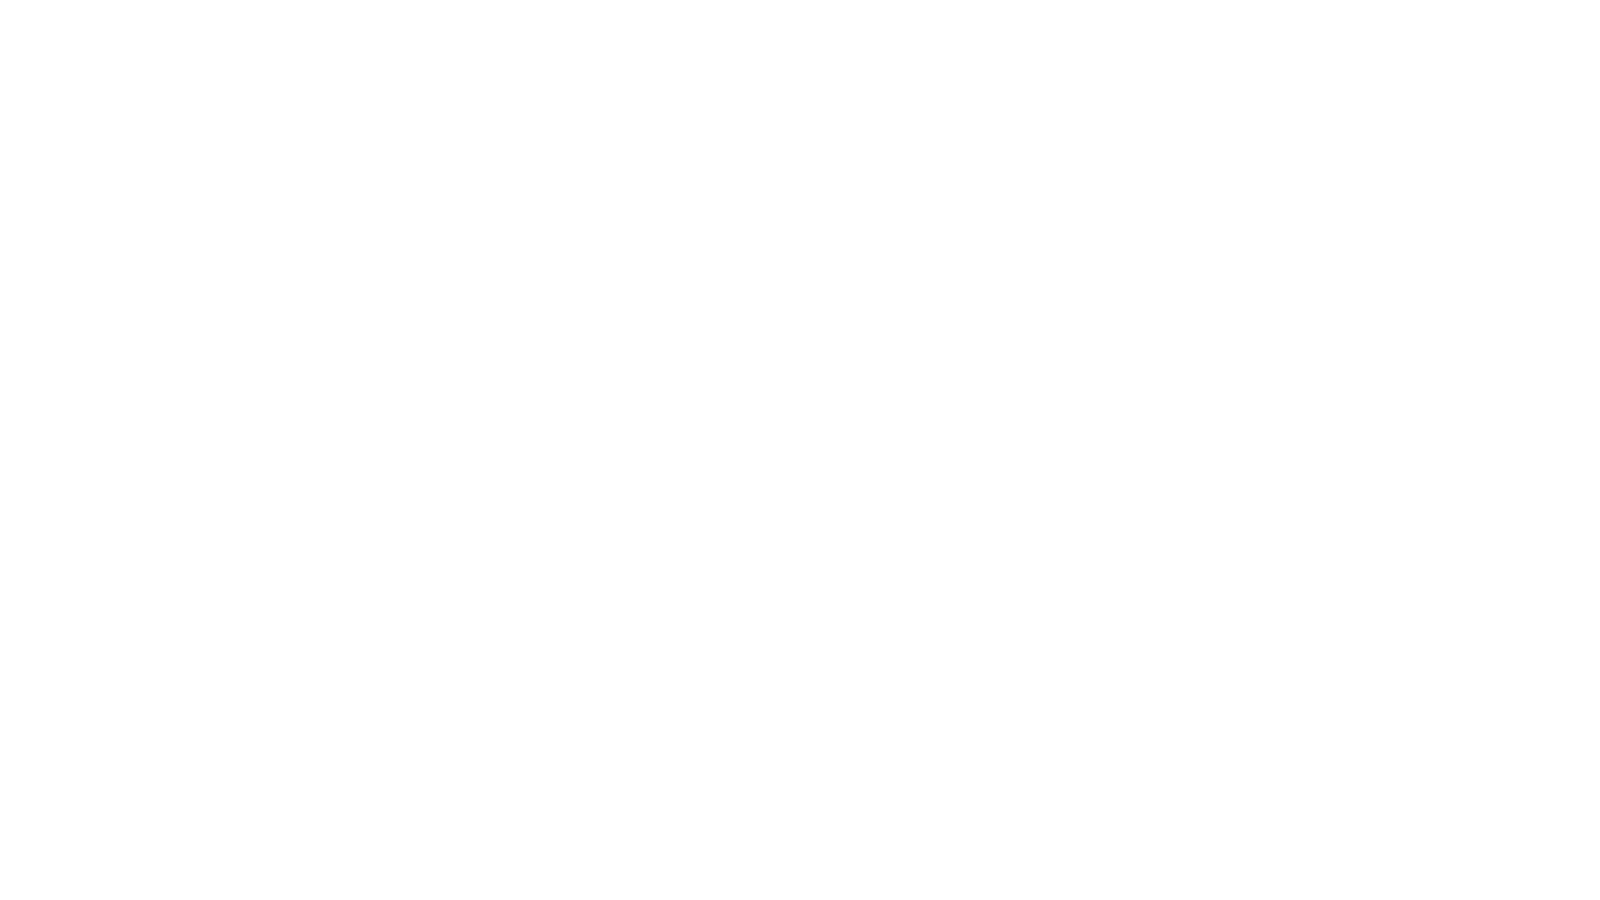 """OSTFRIESLAND TANZT ZU HAUSE 2// (feat. Bebetta & Dj Rafik)  Die Nordseehalle Emden & Aurich Events bringen Euch ein sicheres und funkelndes """"Club-Feeling"""" in die eigenen vier Wände trotz Krisenzeiten. Schließt die Hausanlage an, füllt die Minibar auf und schiebt Eure Möbel beiseite… Wir laden zum knalligen """"Wohnzimmer-Rave"""" im Corona-konformen Streaming Format. Live und digital aus Ostfrieslands größter Konzert-, und Veranstaltungshalle…Djs: @Bebetta (Berlin) @Dj Rafik (Düsseldorf) local support: Töne&Talent (Aurich Events) Sound: House//Electronic//Bass//Club//Classics  """"Bebetta"""" spielte bereits auf verschiedenen Festivals weltweit (u.a. Fusion Festival, Feel Festival, Airbeat One, Oldenbora, MS DOCKVILLE uvm.) Sie veröffentlicht regelmäßig eigene Musikproduktionen. Mit ihrer """"Raver 4 Life"""" EP belegte sie 2019 die Deutschen Club Charts. Ihr Sound reicht von klassischen House-Rhythmen über treibende Techhouse Beats. Diese prägen den typischen Bebetta-Groove. Am 13.03.2021 eröffnet Sie unser Set mit ihrem definierten Mix aus melodischen Elektroklängen.  Mit """"Rafik"""" begrüßen wir einen internationalen Turntablist, DJ und Musikproduzent. Mit insgesamt sechs gewonnenen Weltmeistertiteln hält Rafik zudem den aktuellen Rekord und gilt als weltweit erfolgreichster Vinyl-Scratch & Battle-DJ. Er spielte als Club-, und Tour DJ unter anderem in Australien, China, Amerika, Großbritannien, Japan und in nahezu allen europäischen Ländern. Am Sa. 13.03.2021 – ab 20:00 Uhr – aus der exklusiv gestalteten Nordseehalle Emden – im kostenlosen Livestream: https://stream.kulturevents-emden.de  Wir freuen uns auf Euch  Bebetta//Soundcloud: https://soundcloud.com/bebetta/bebetta-auf-wolke-sieben  Rafik//Youtube: https://www.youtube.com/watch?v=sVPhUUb2Zuk  #wohnzimmerrave #stayathome #stayhealthy #ostfriesland #dj #club #szene #session #nordseehalle #kultureventsemden #aurichevents #ohneunsiststille #savethemusic #savetheculture #savetherave #firstin365 #coronacoma"""